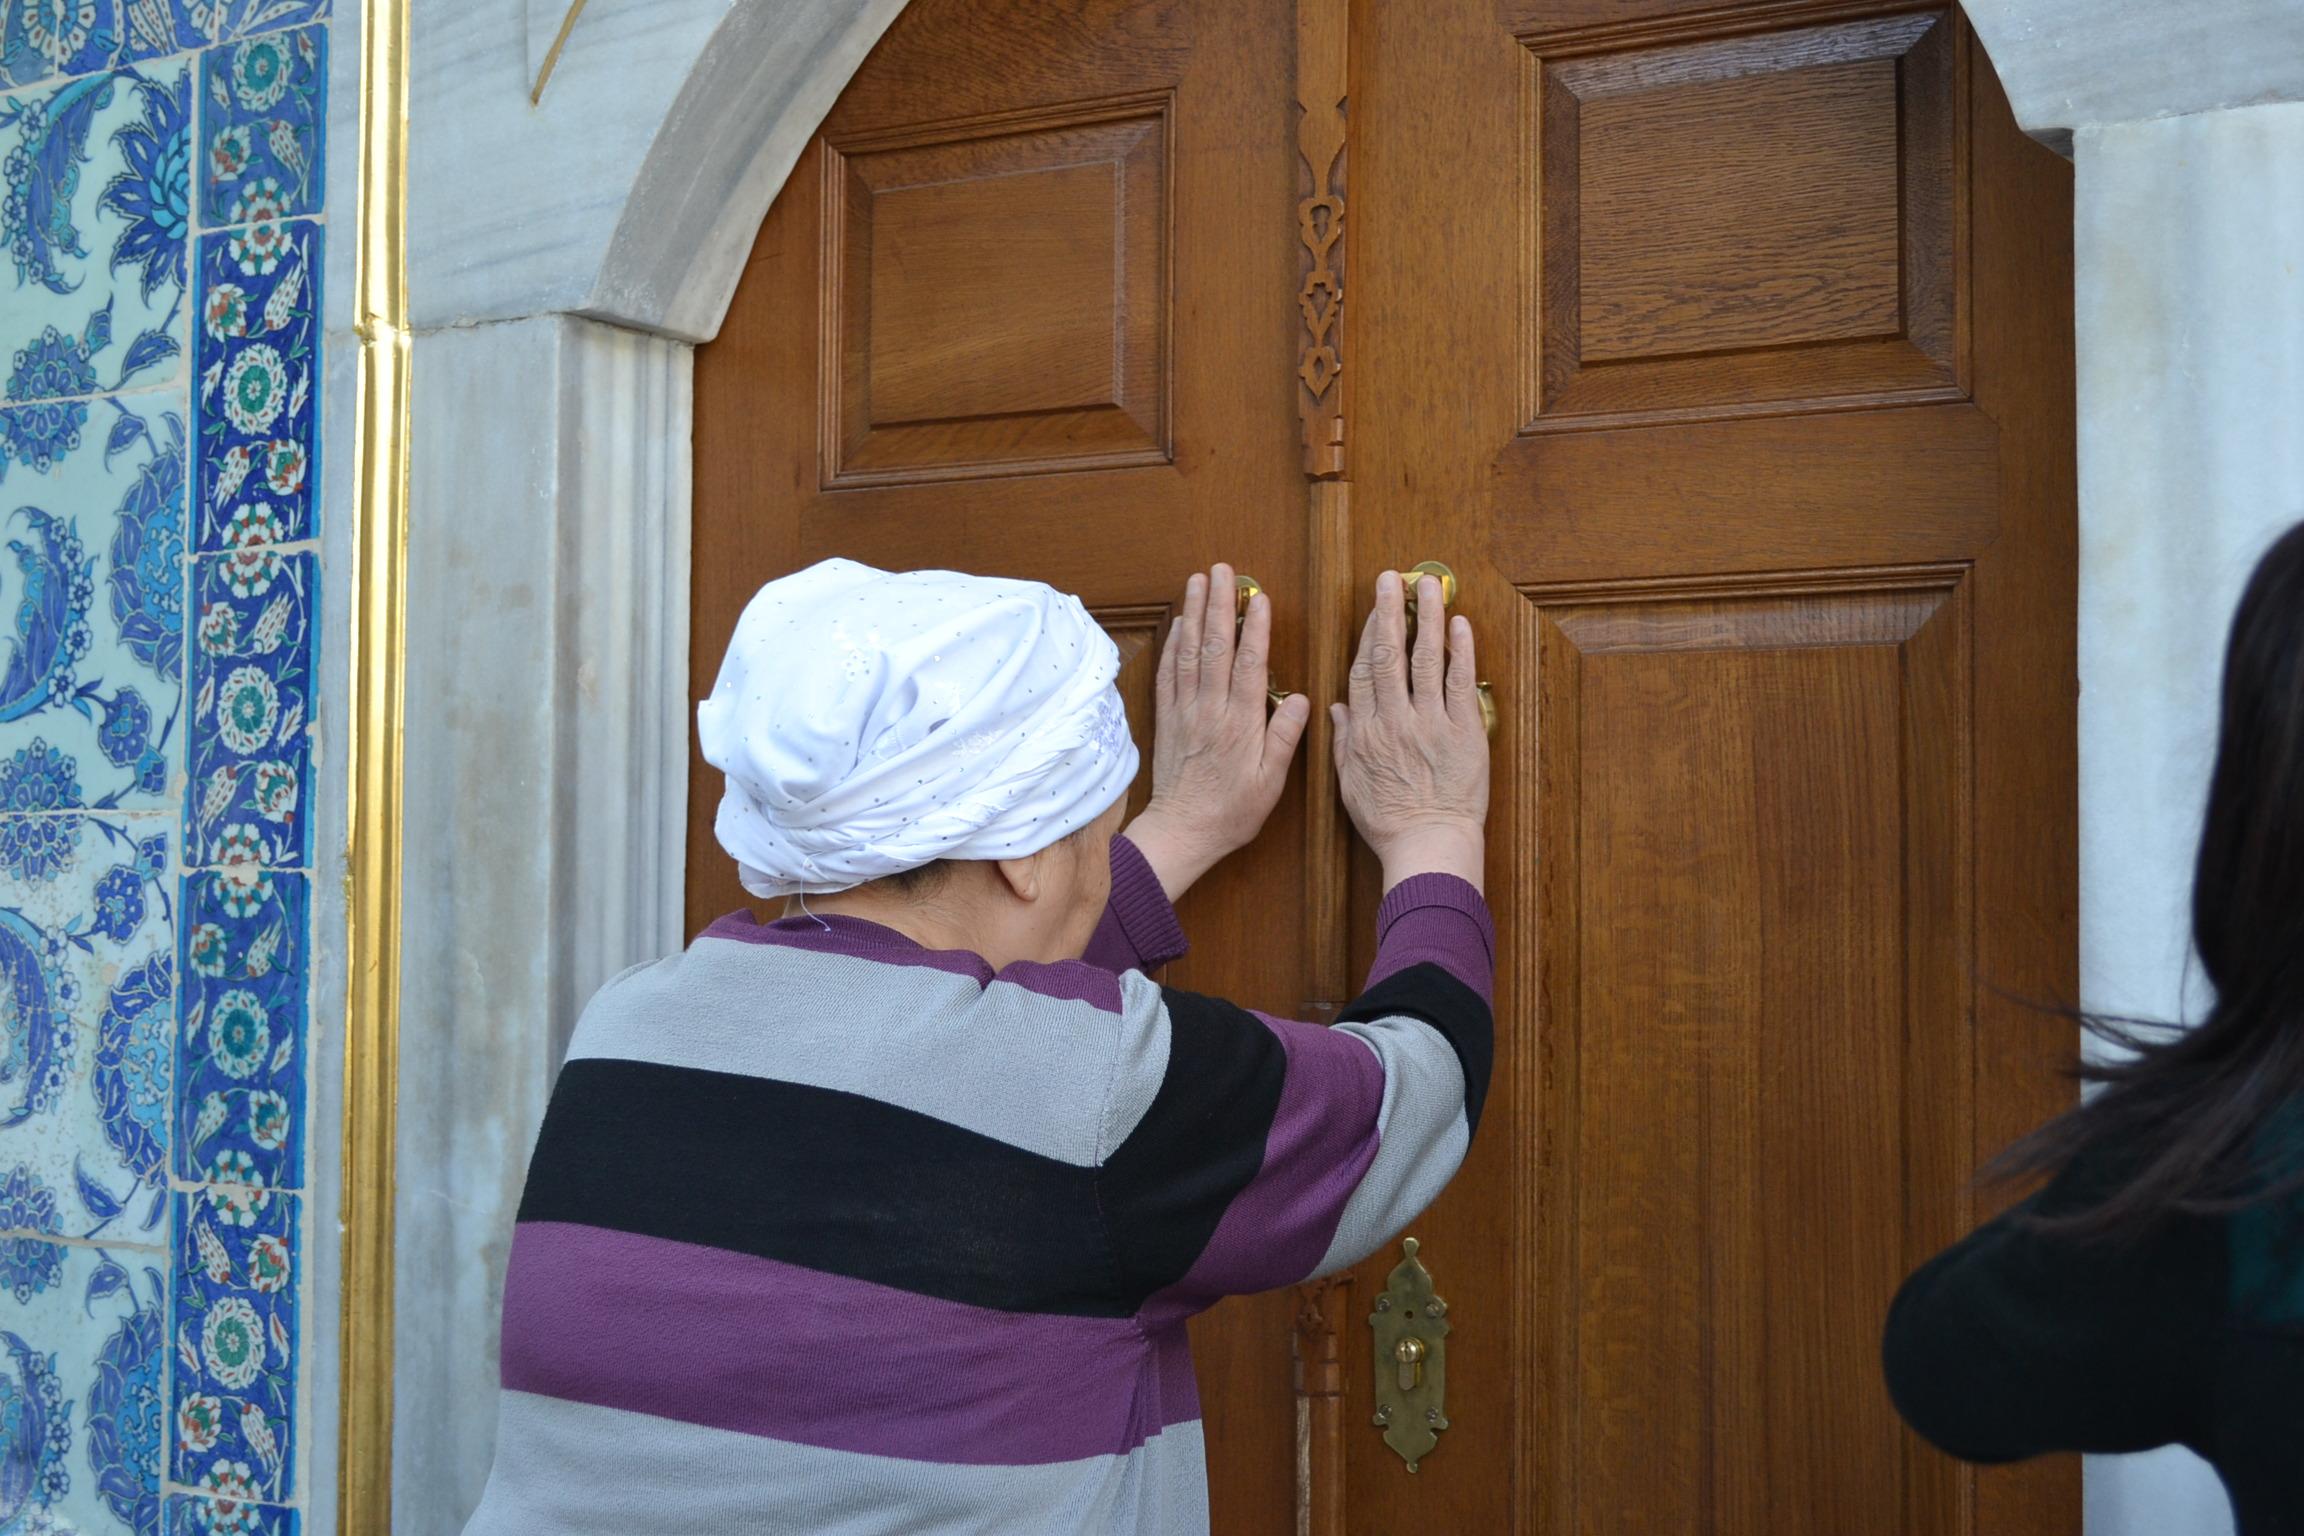 Vanha nainen silittää hautakammion ovea rukouksen yhteydessä